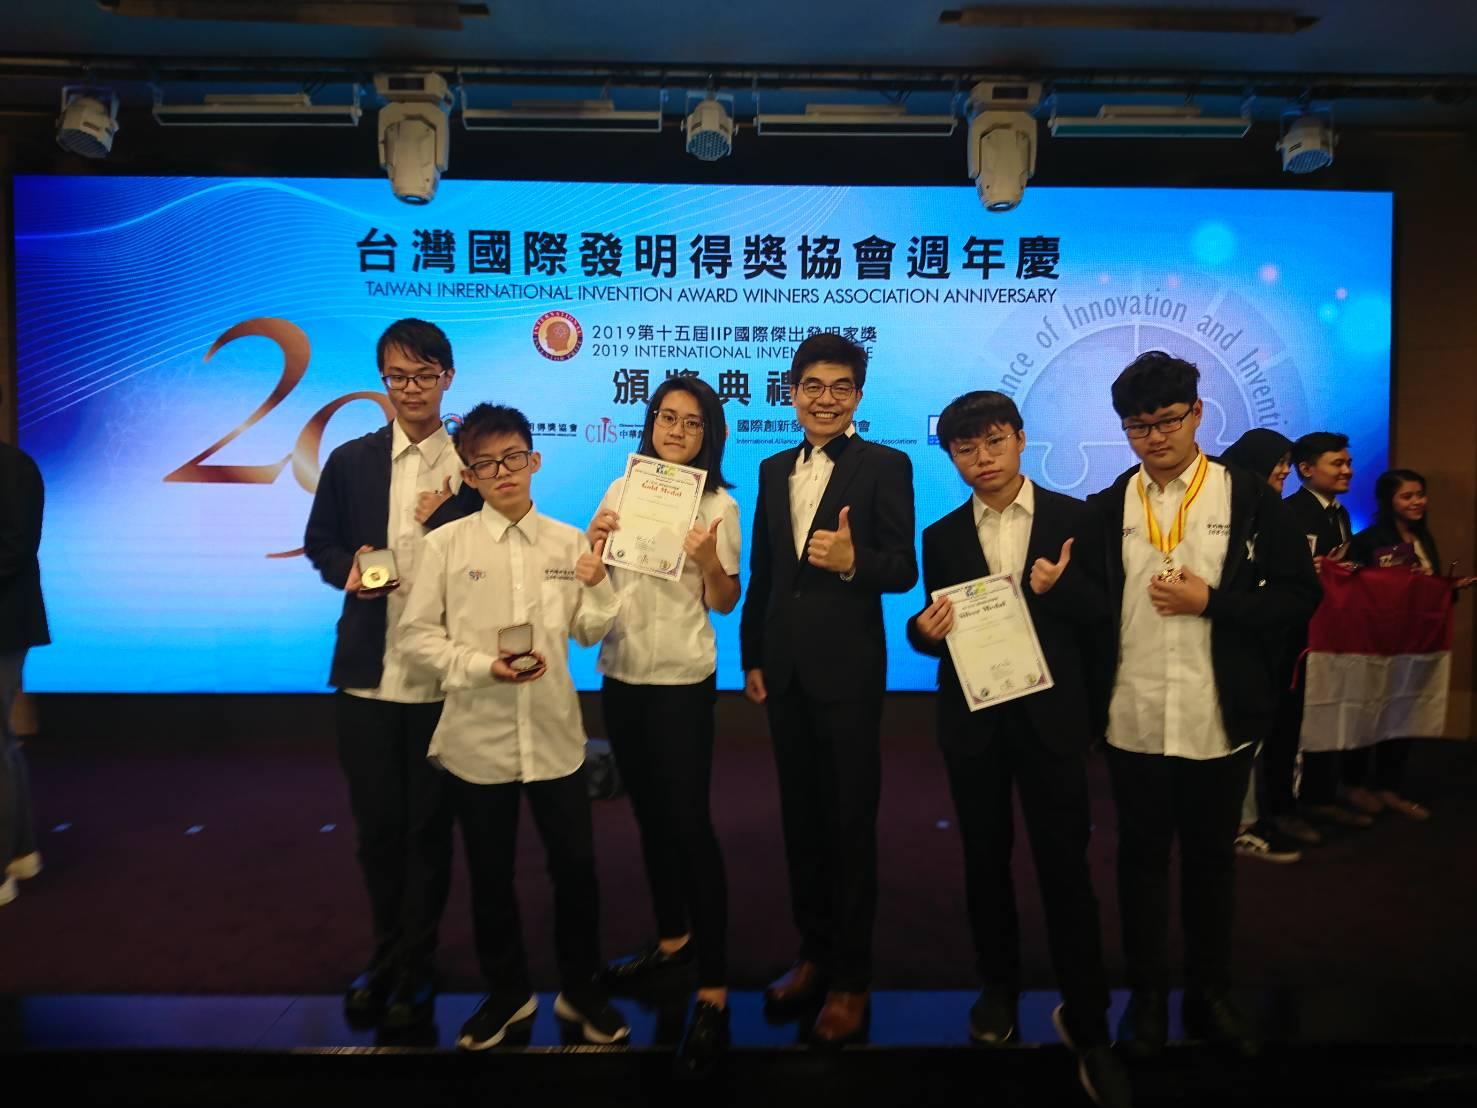 「第十屆IIIC國際創新發明競賽」銀牌獎-1